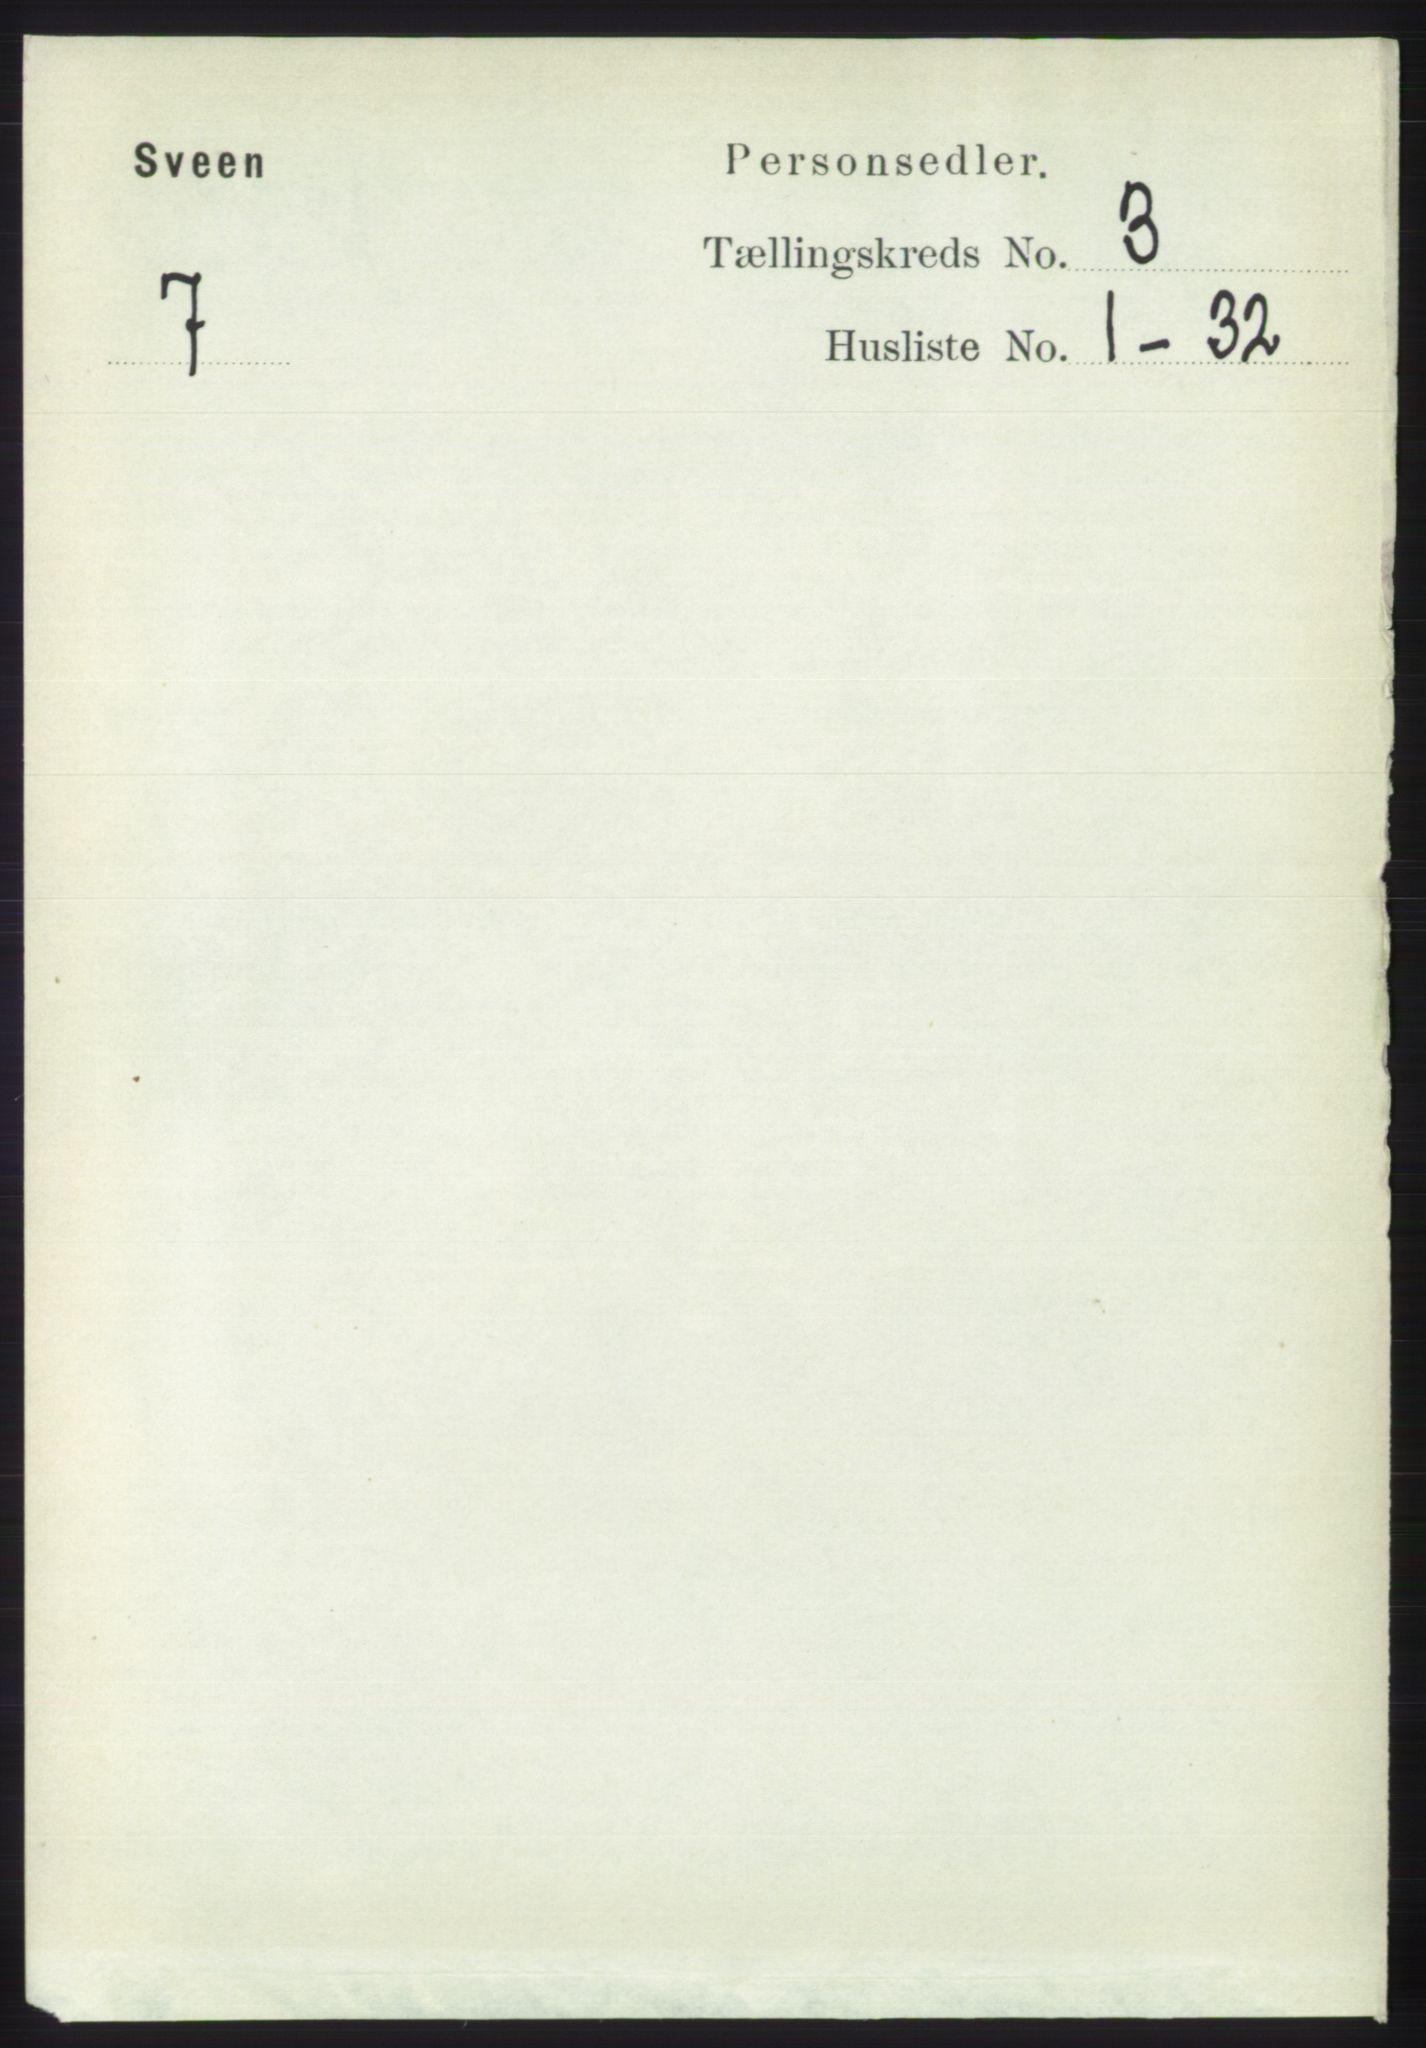 RA, Folketelling 1891 for 1216 Sveio herred, 1891, s. 813